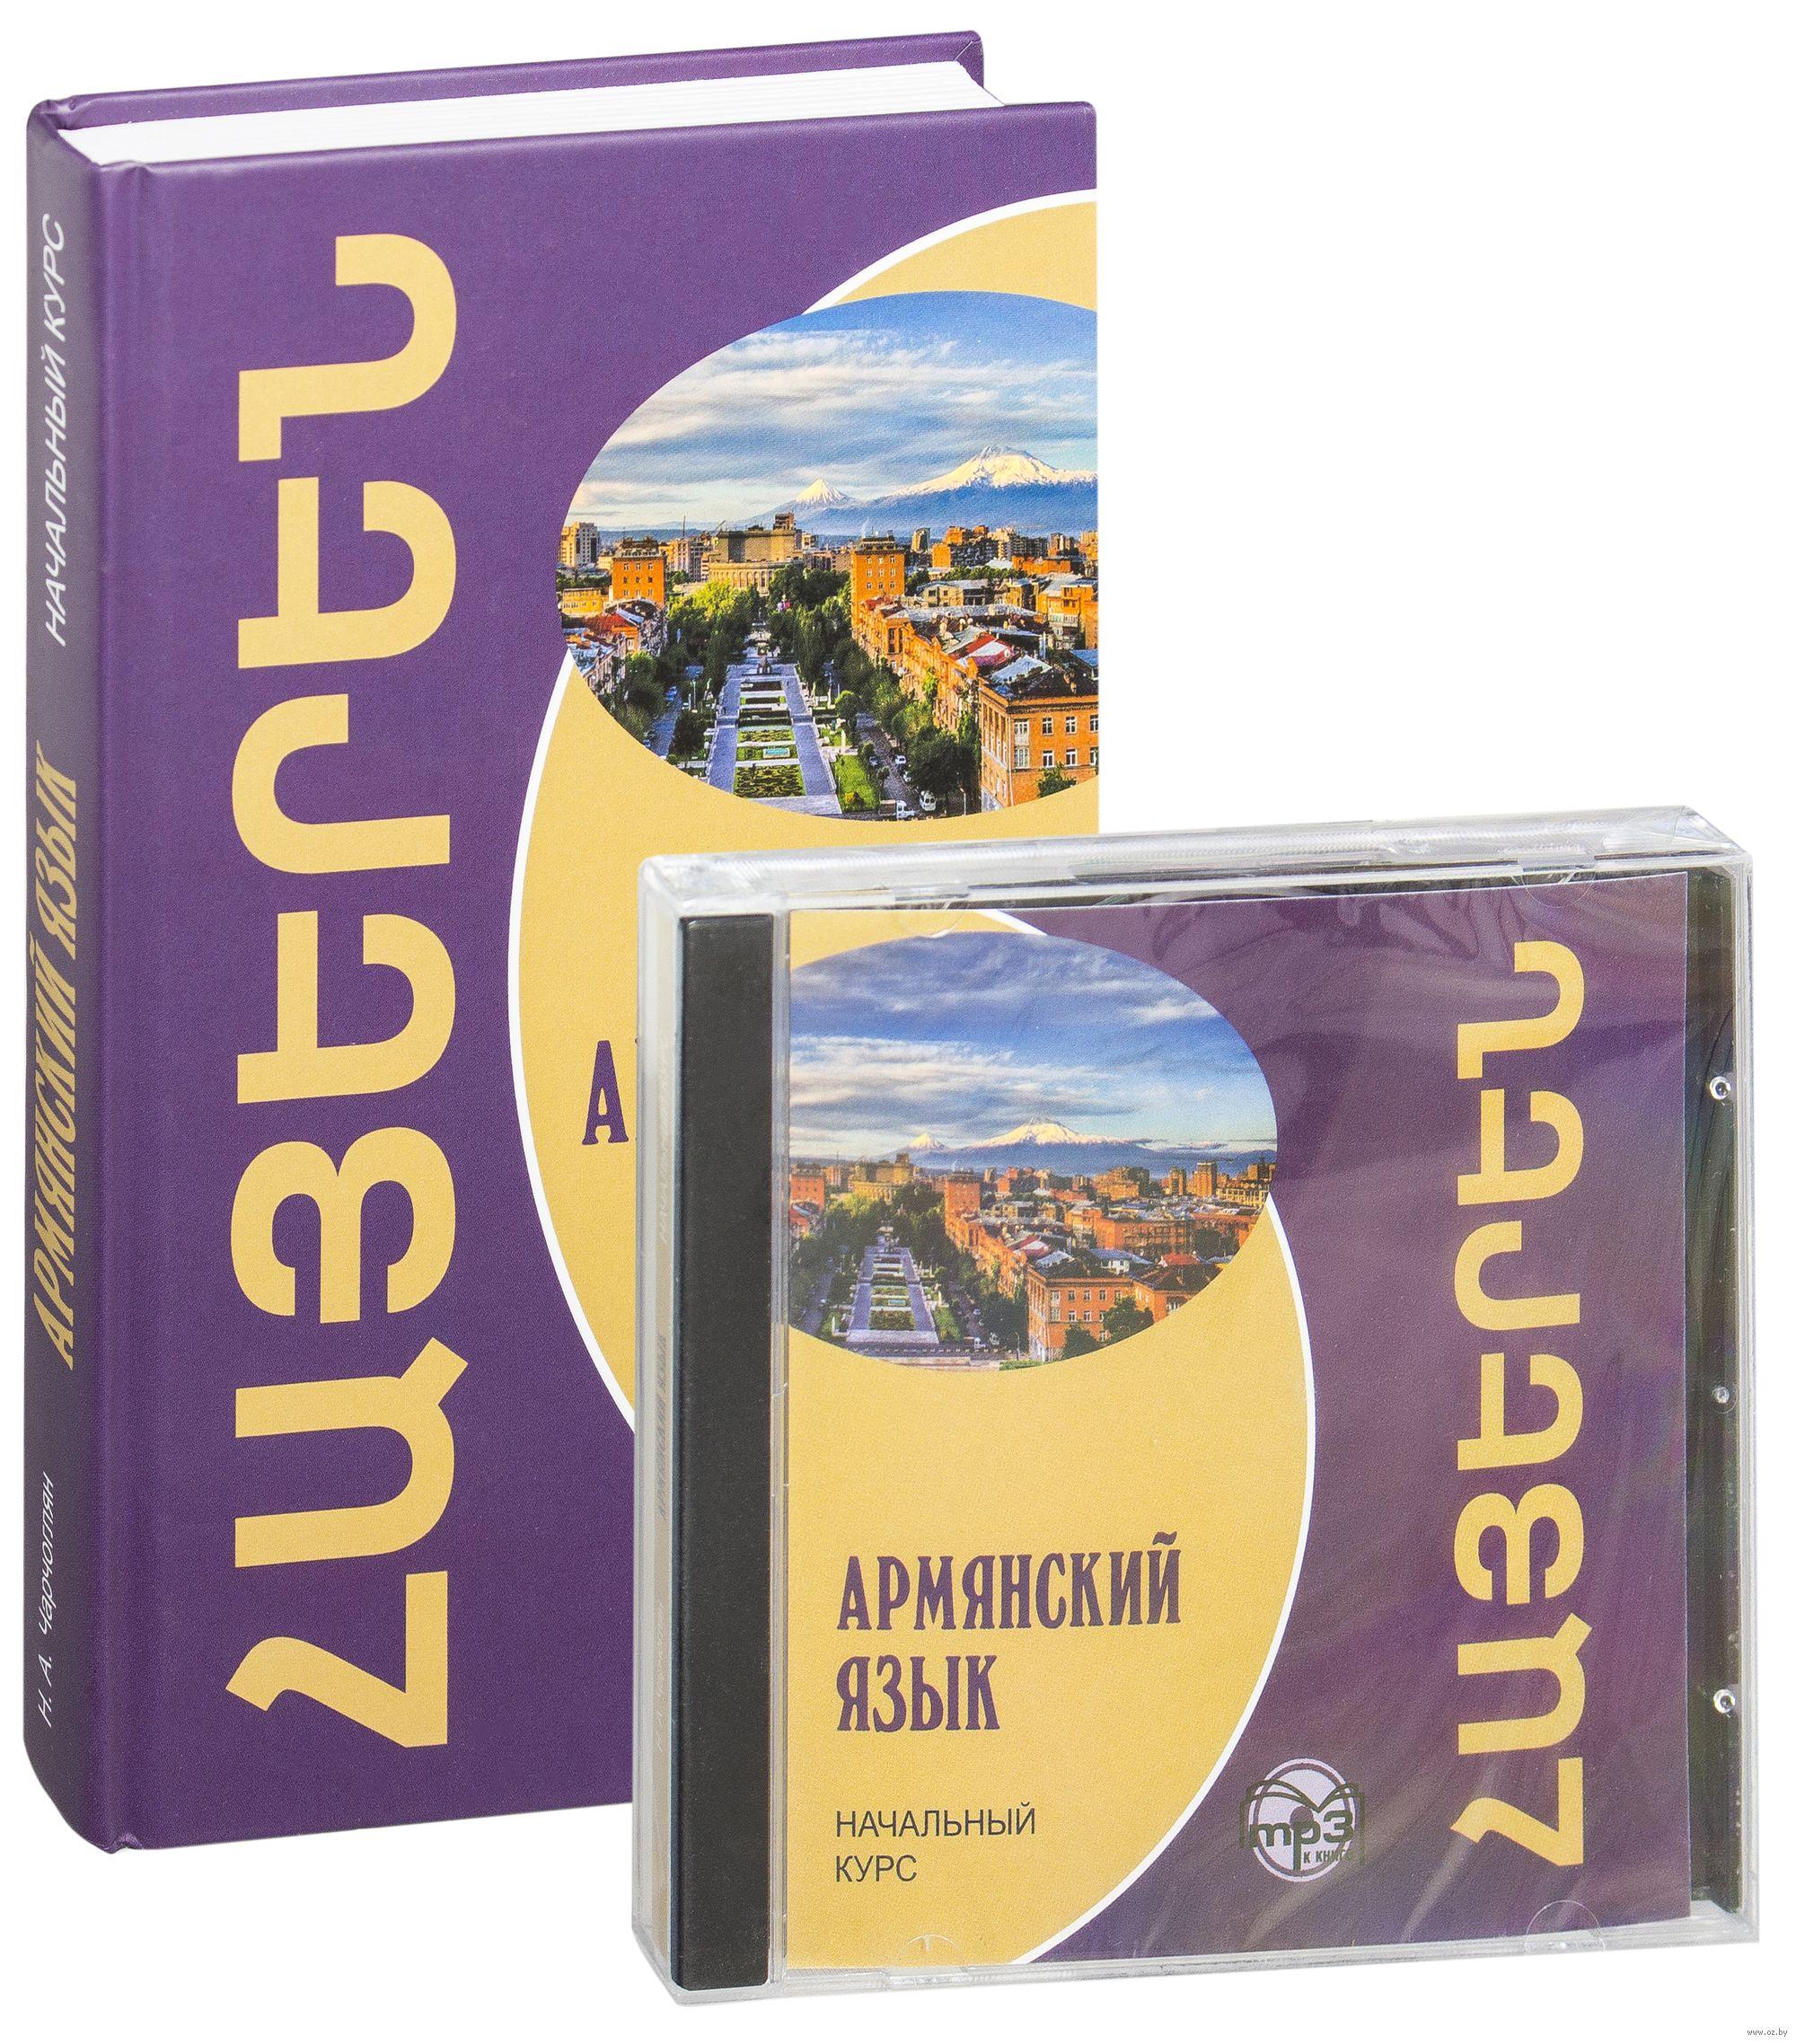 армянский язык по сложности какое место занимает